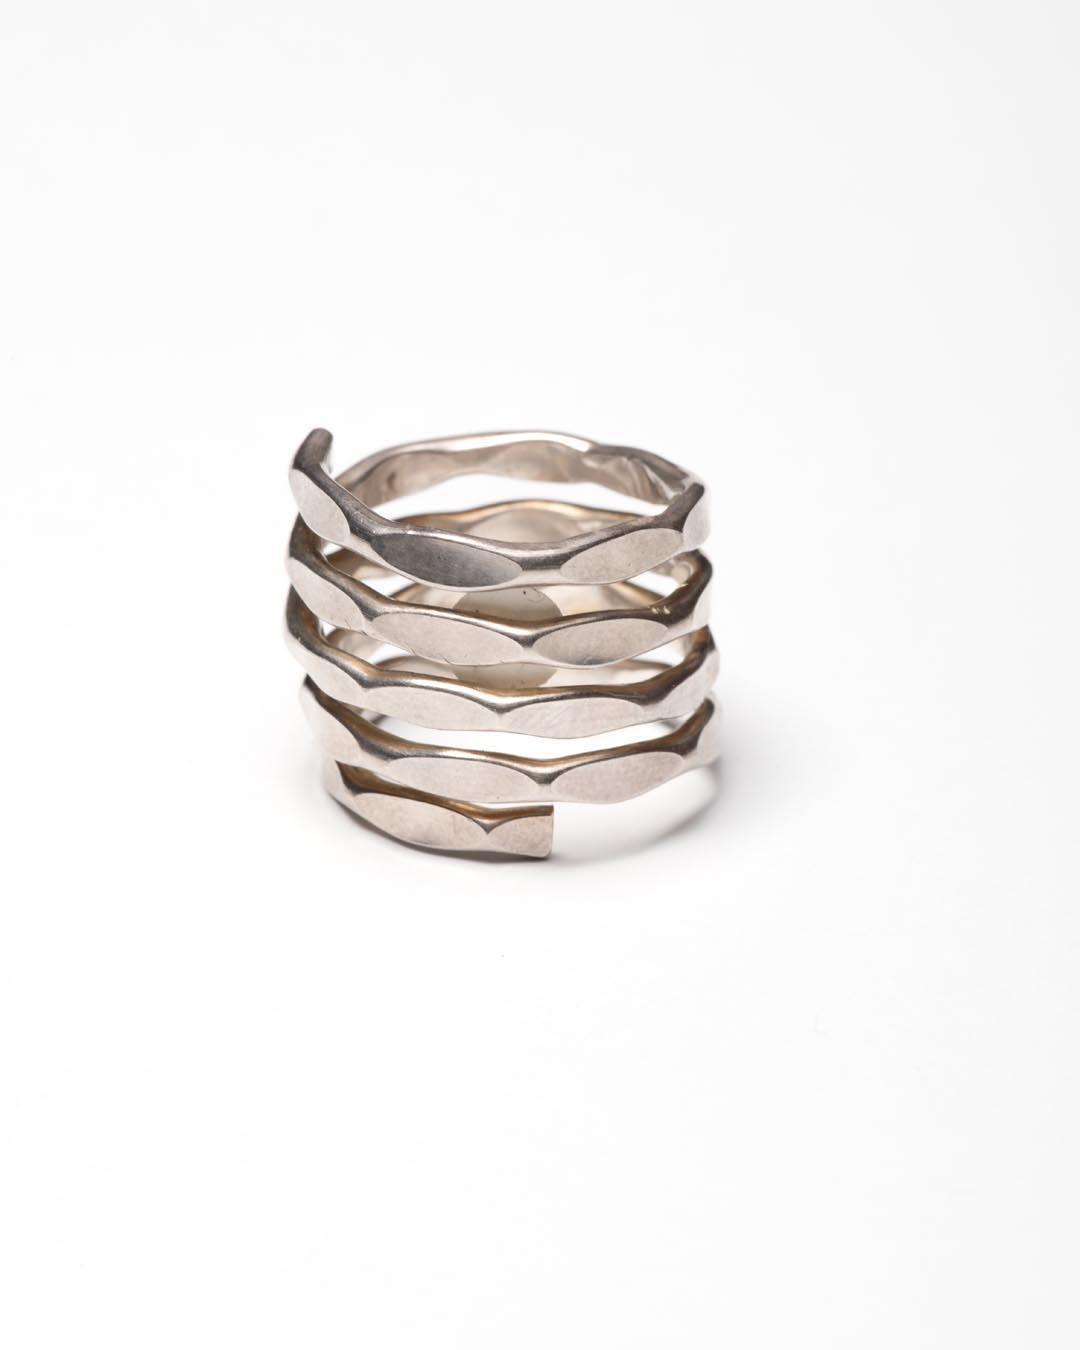 Yasuki Hiramatsu, untitled, ring; silver, €250